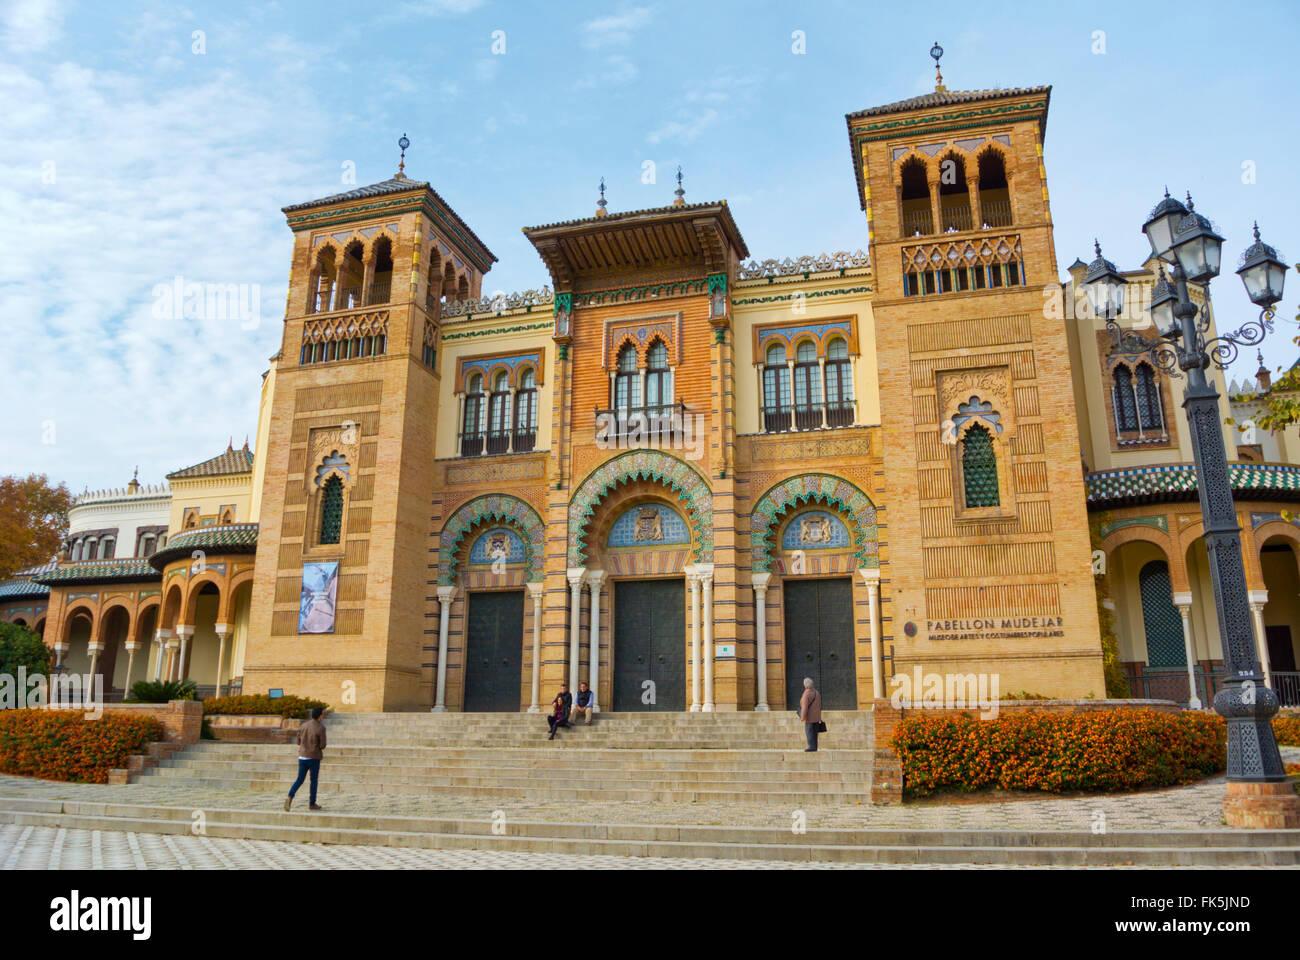 Museo de Artes y Costumbres Populares, Folk art museum, Plaza America, Parque de María Luisa, Sevilla, Andalucia, - Stock Image